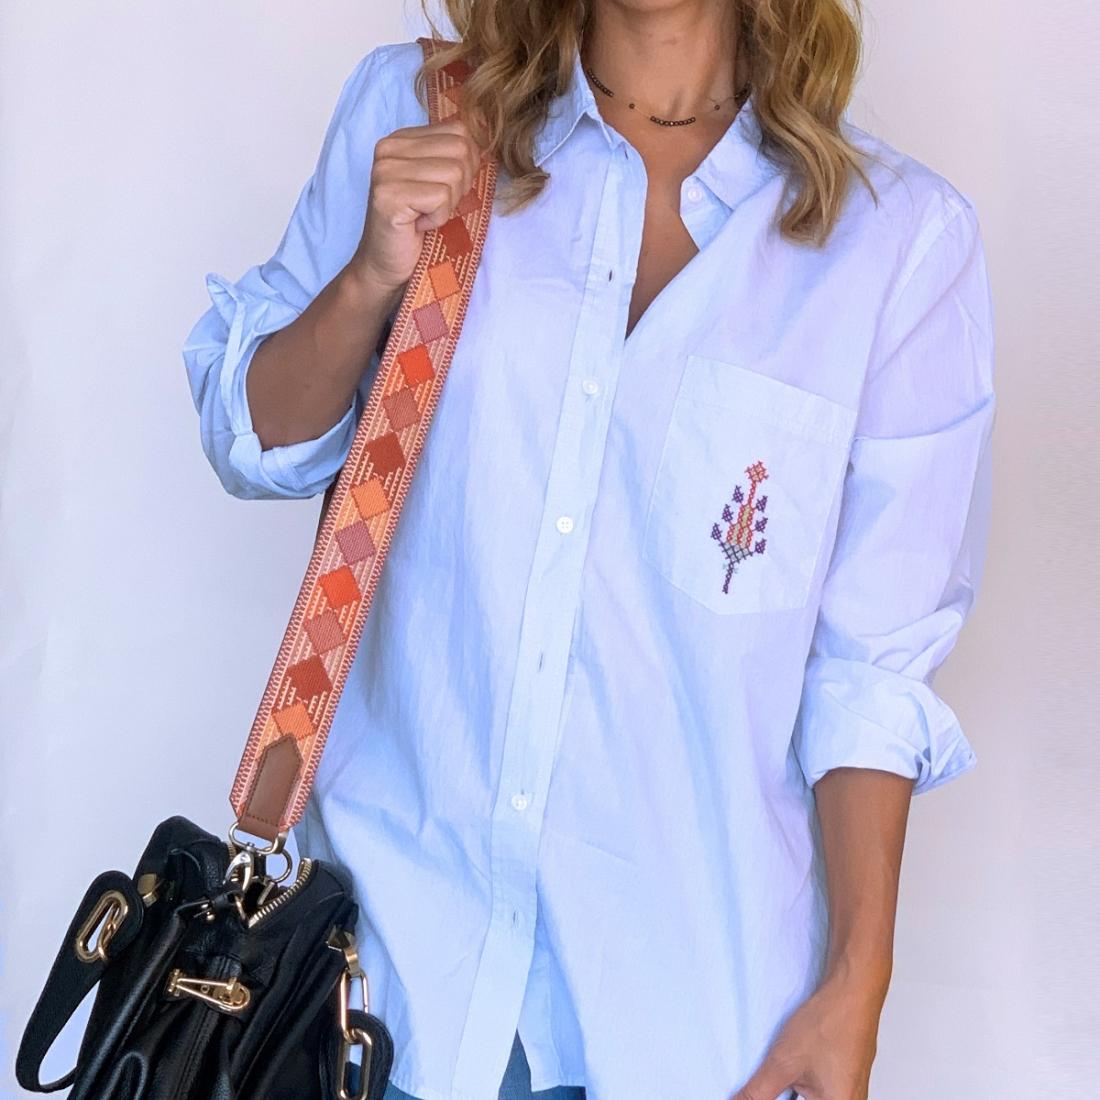 Havane Hand embroidered Bag Strap